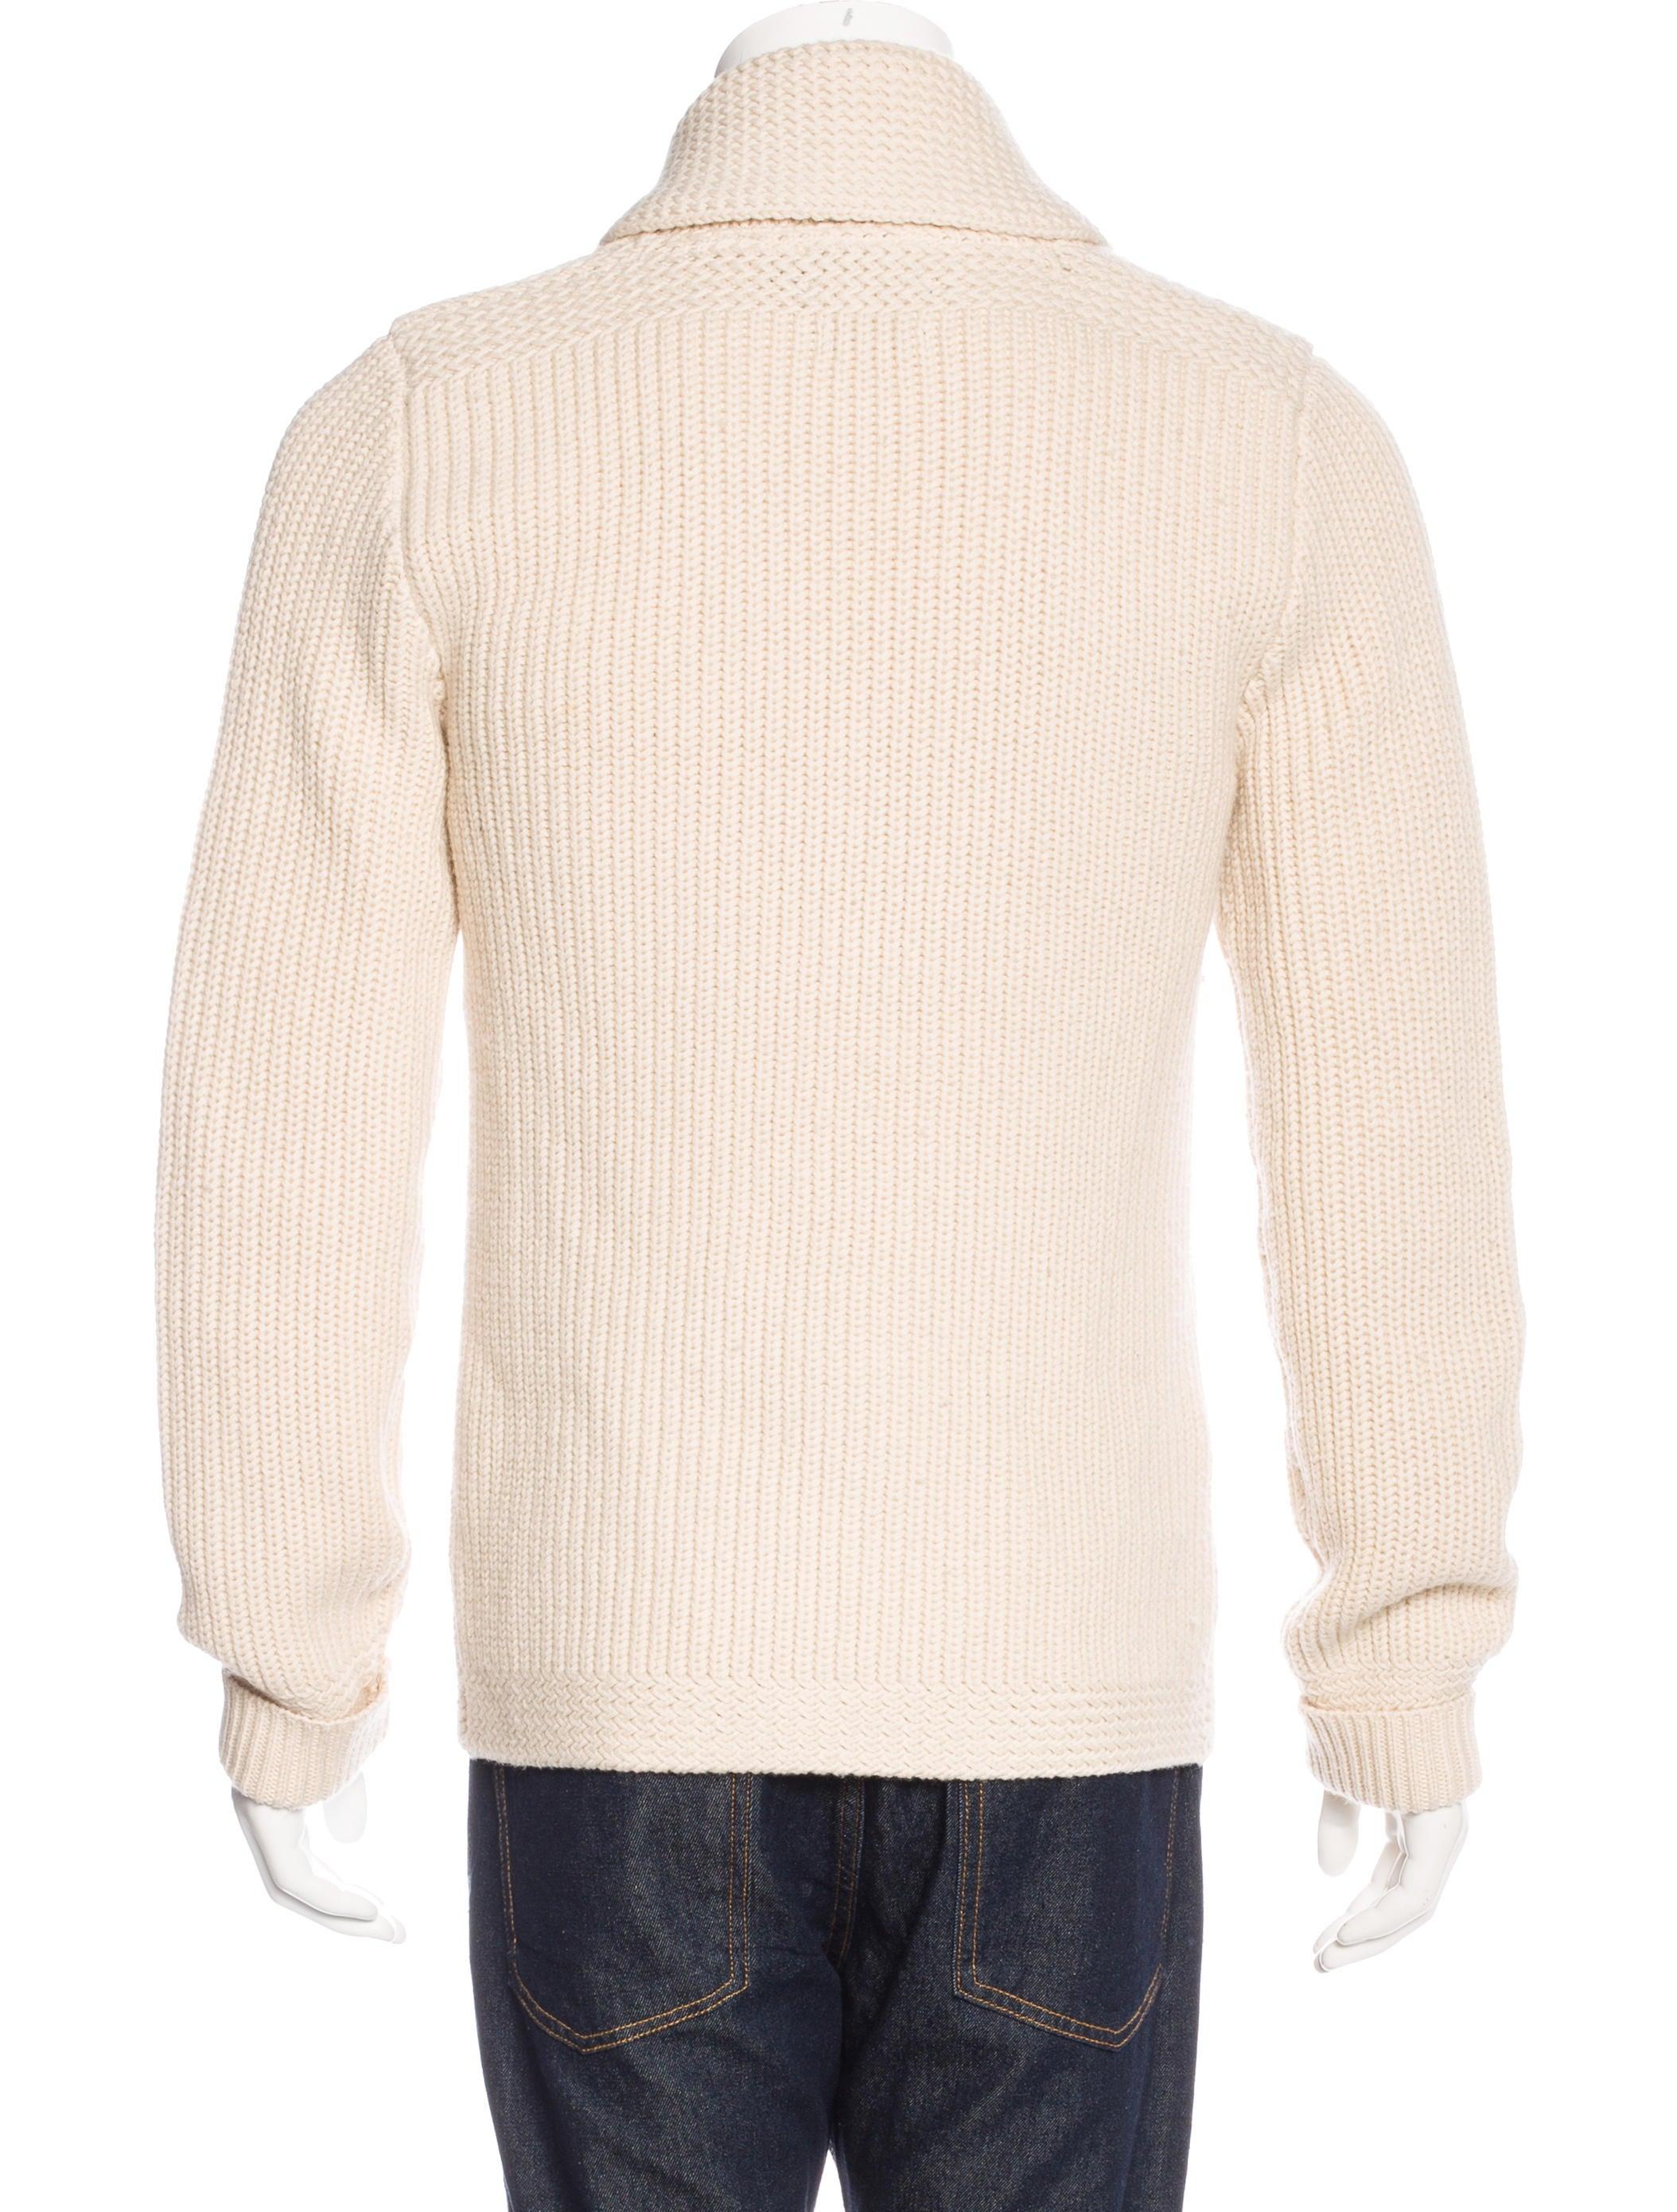 Knitting Wear Company : Rrl co wool rib knit cardigan clothing wrrll